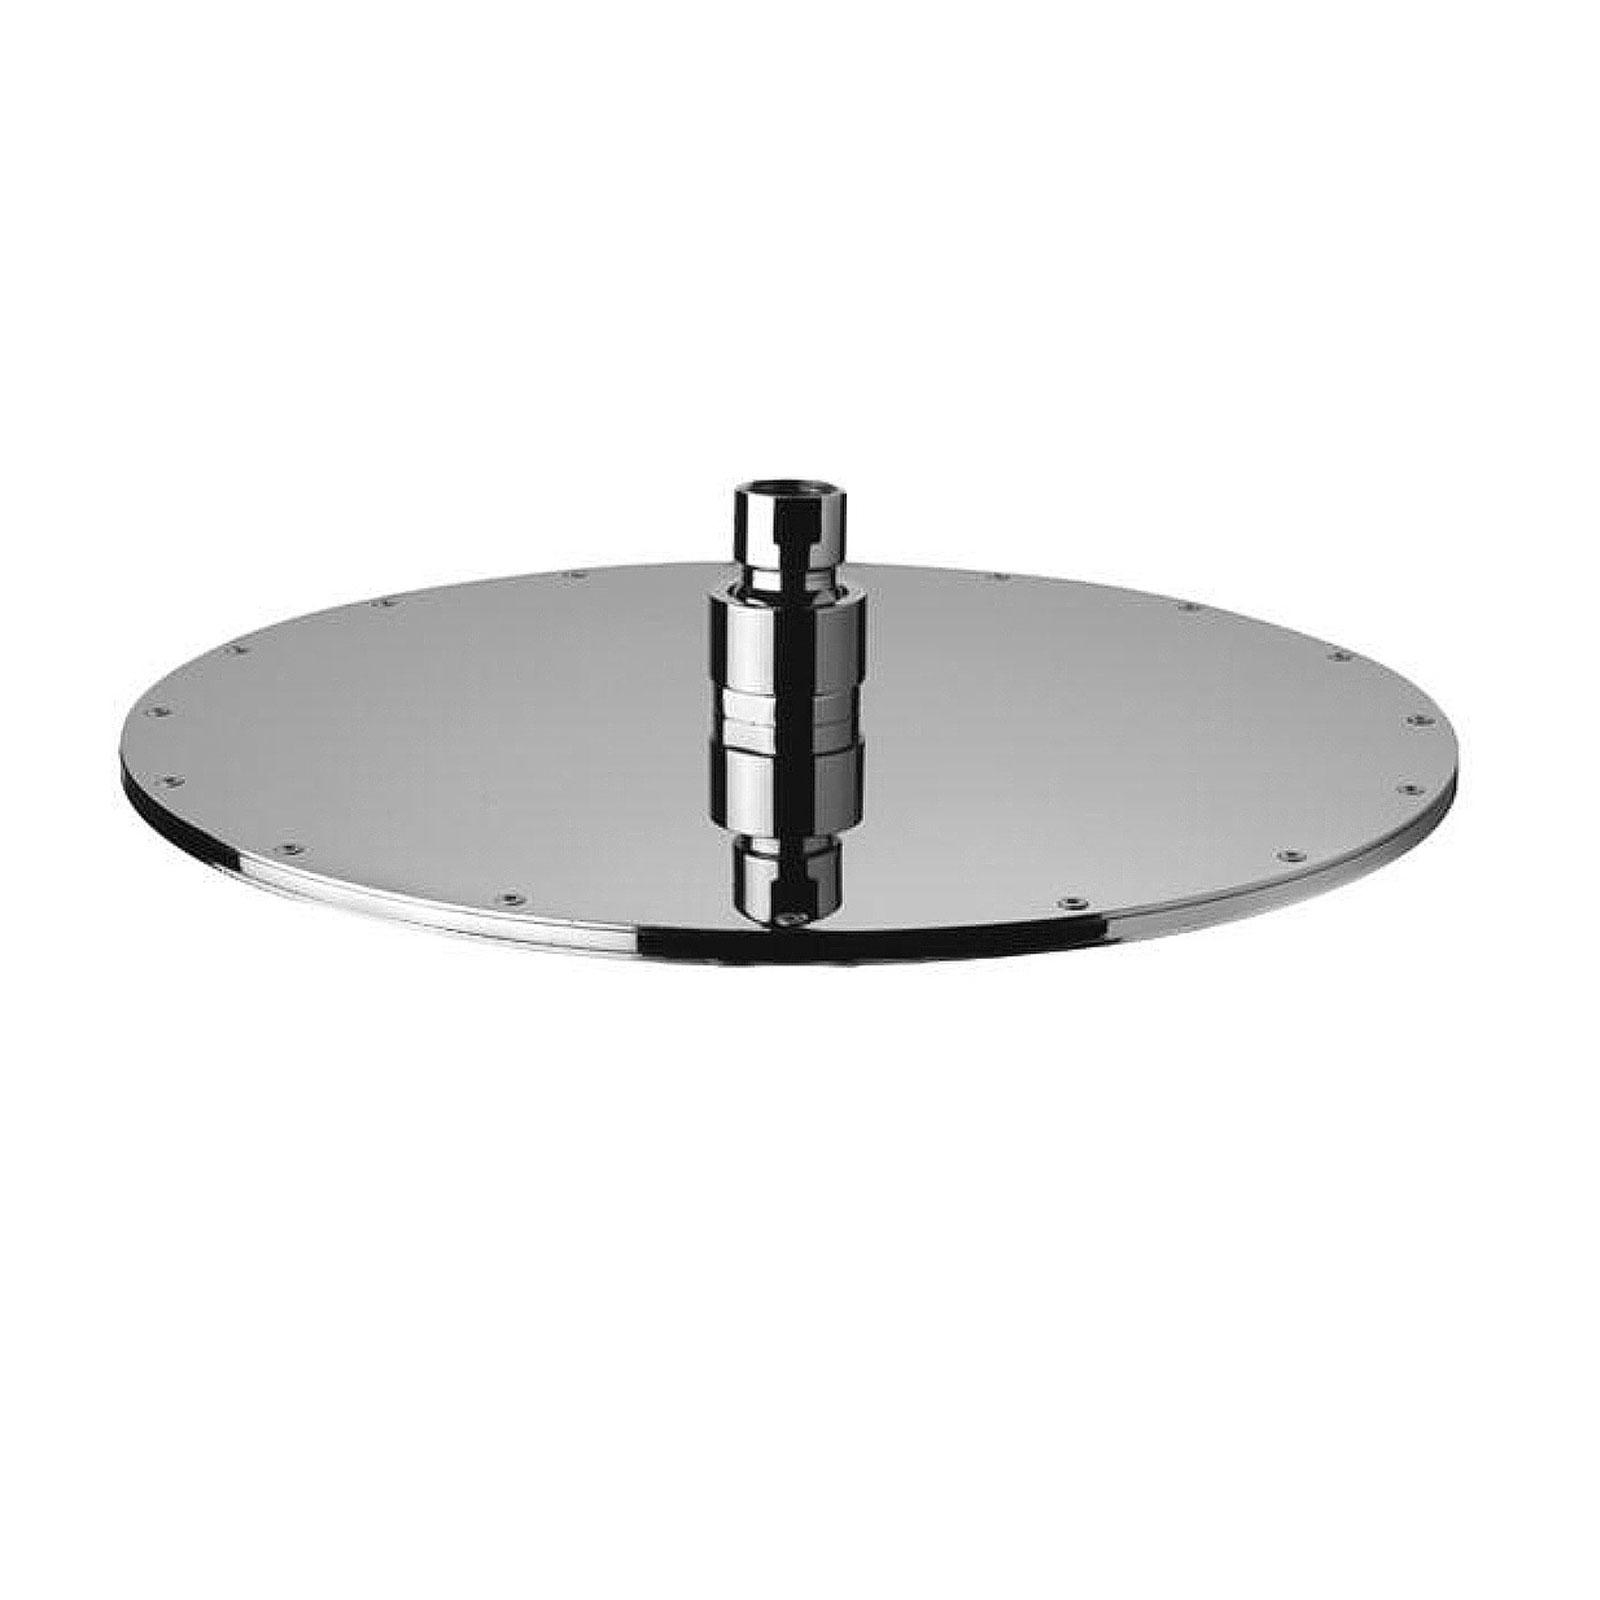 Soffione doccia tondo Paffoni Master diametro 225 mm in metallo cromato